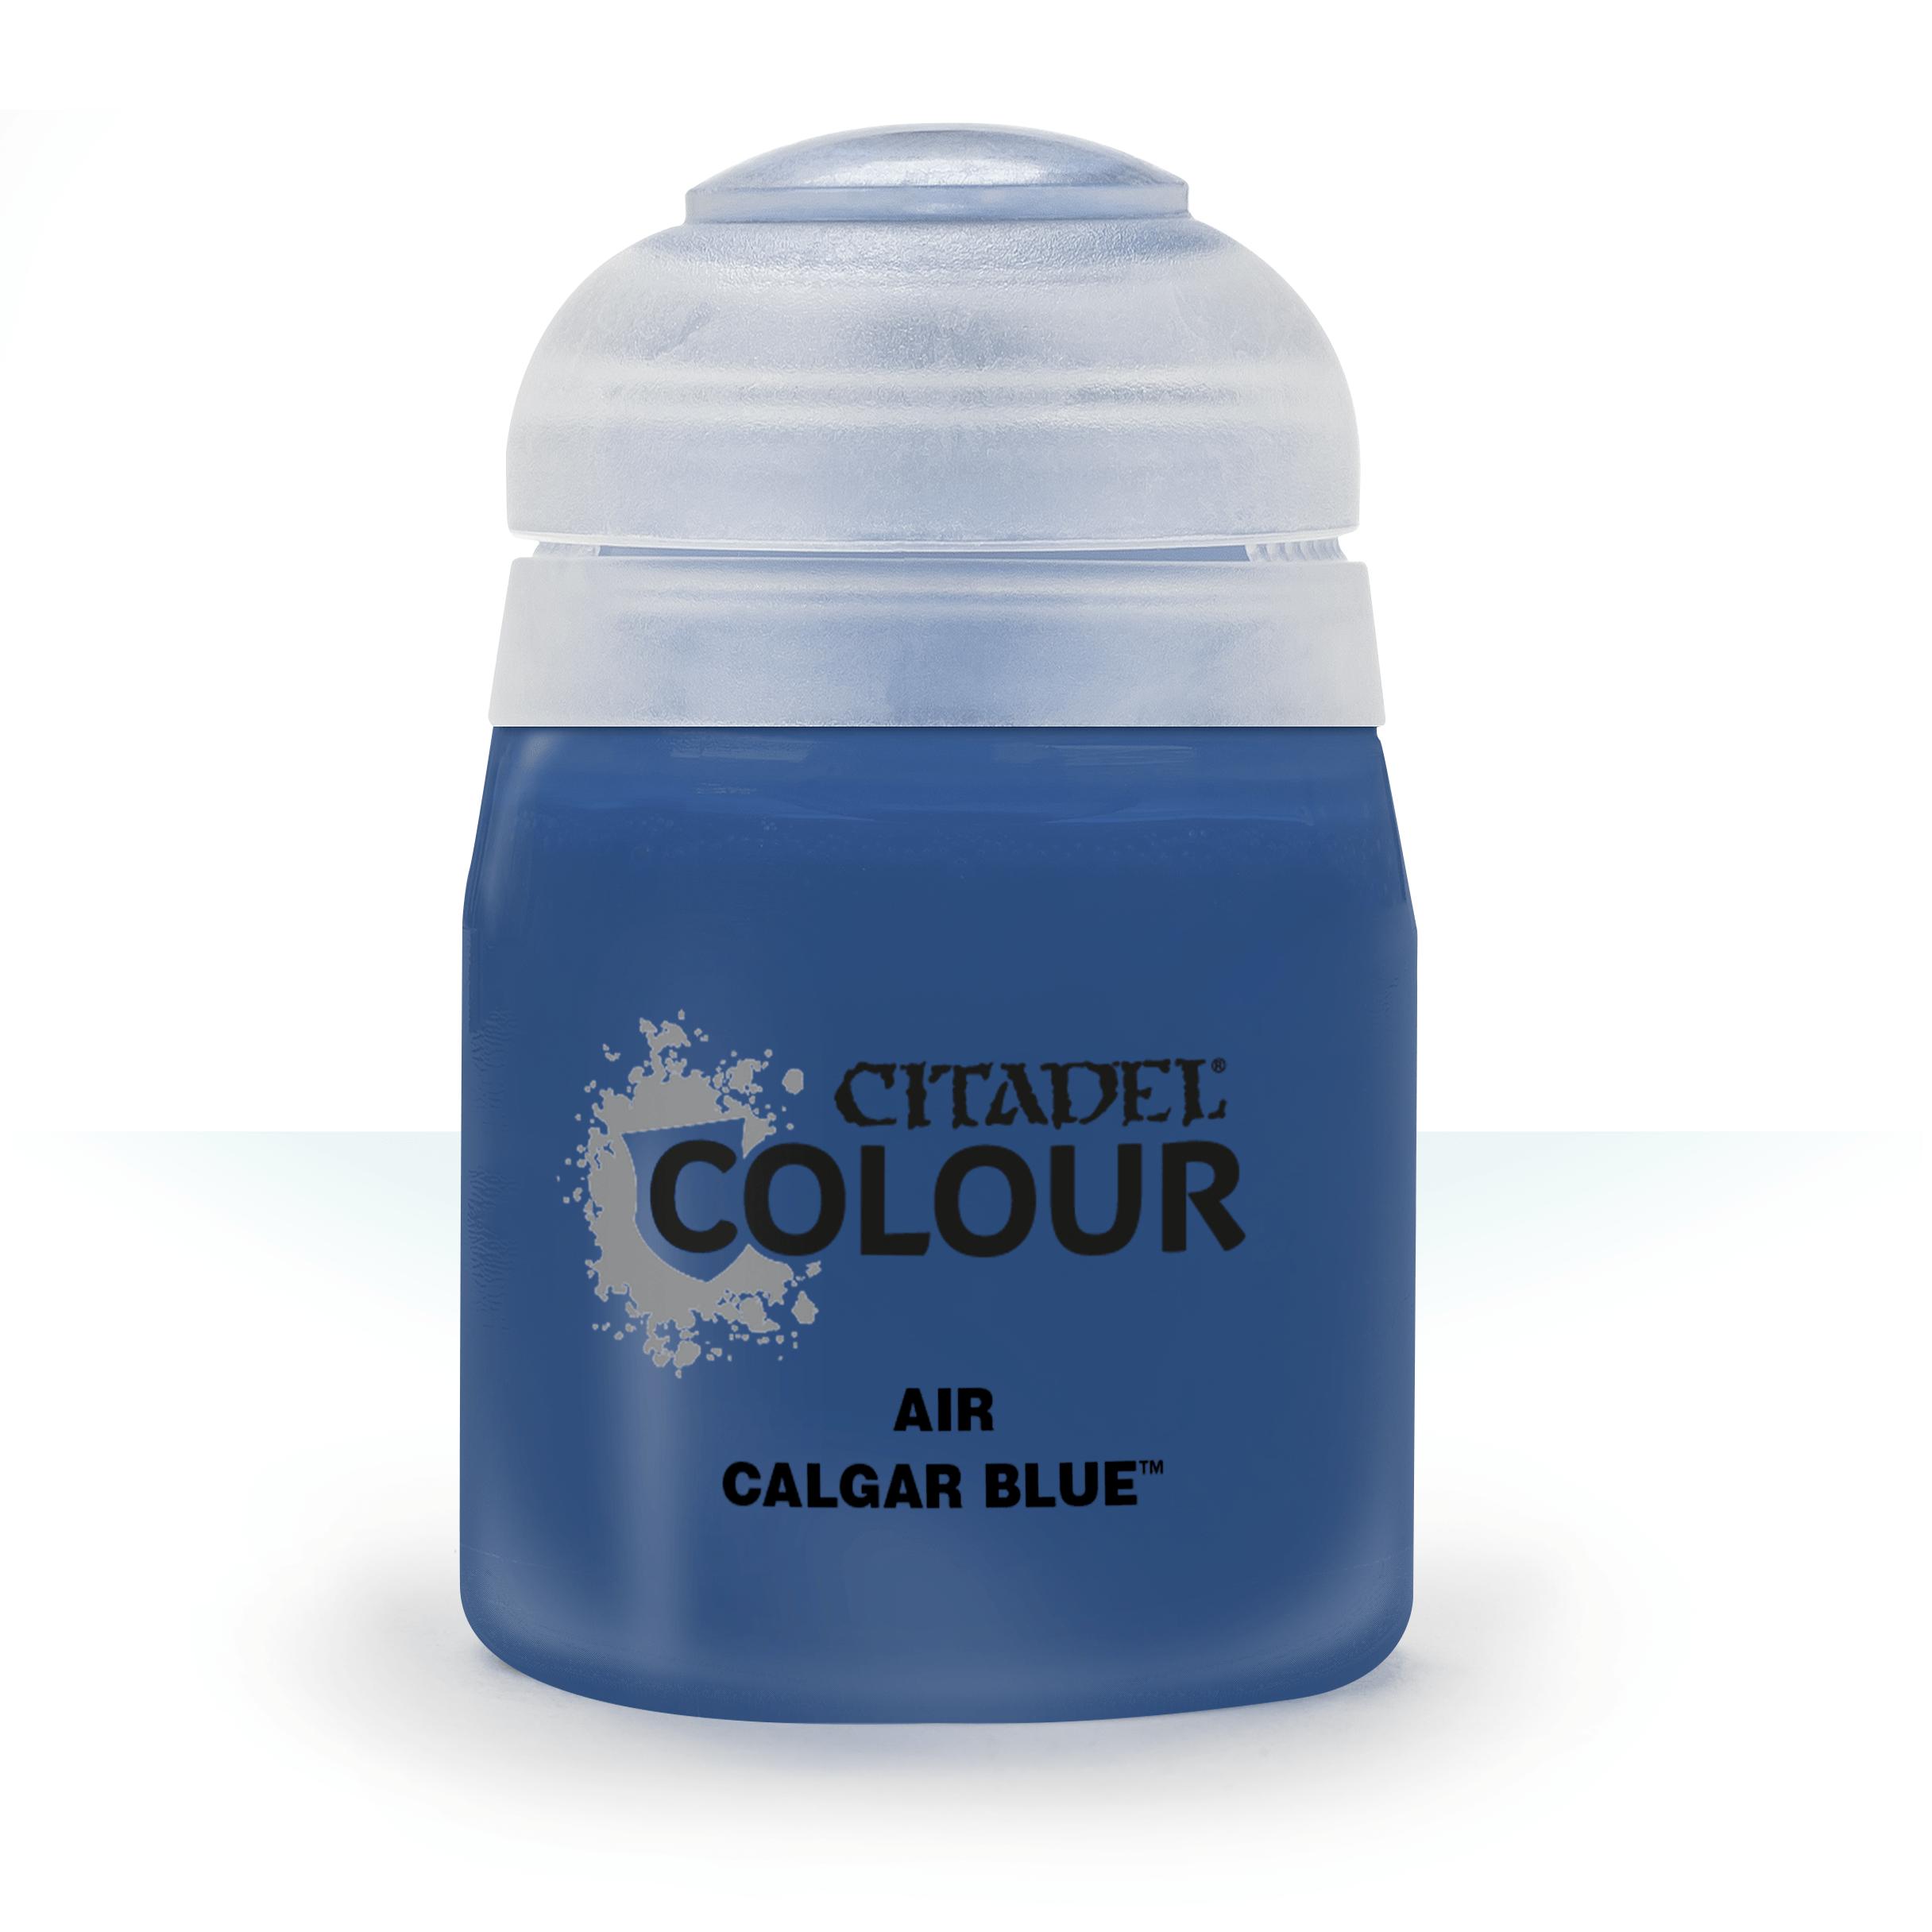 Calgar Blue, Citadel Air 24ml